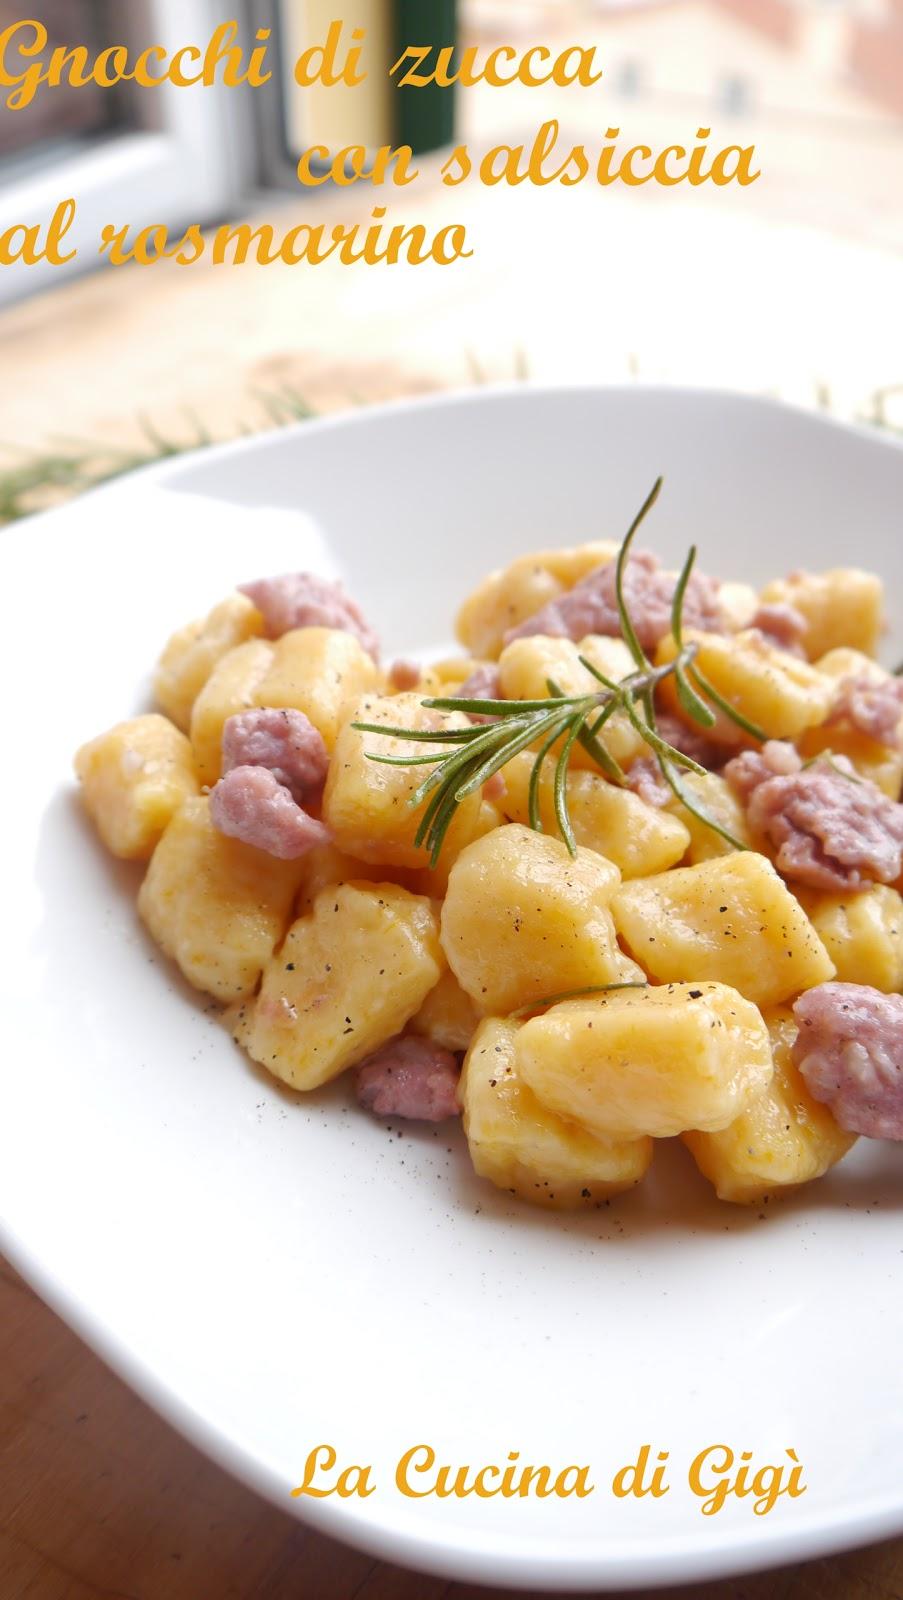 La cucina di GiG Gnocchi di zucca con salsiccia al rosmarino